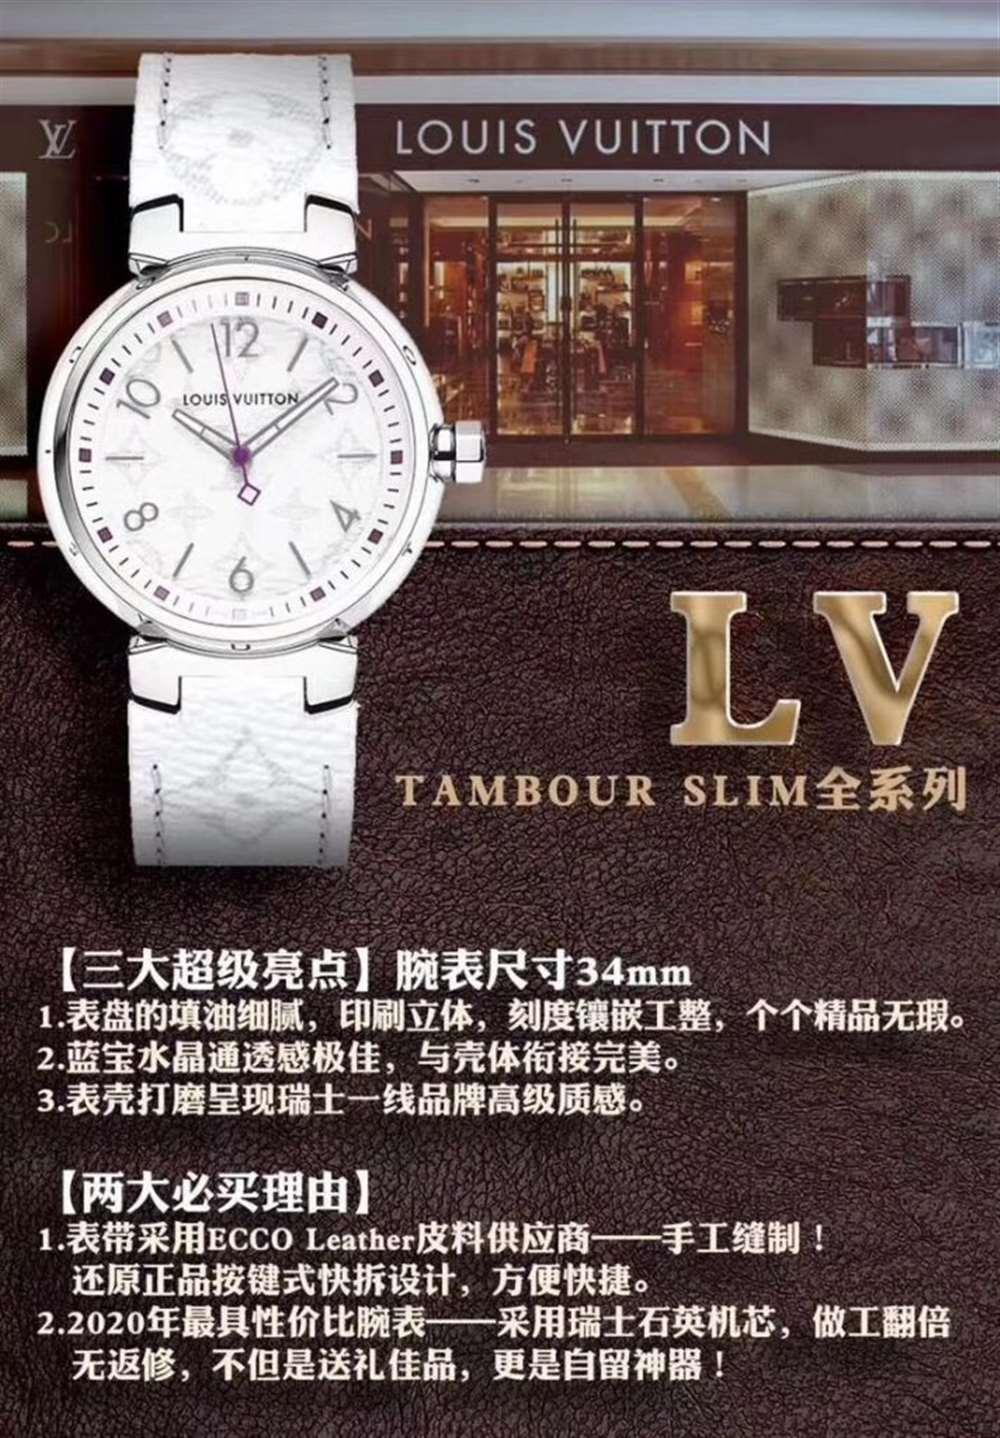 LV厂超神之作-TAMBOUR SLIM全系列陆续空降市场